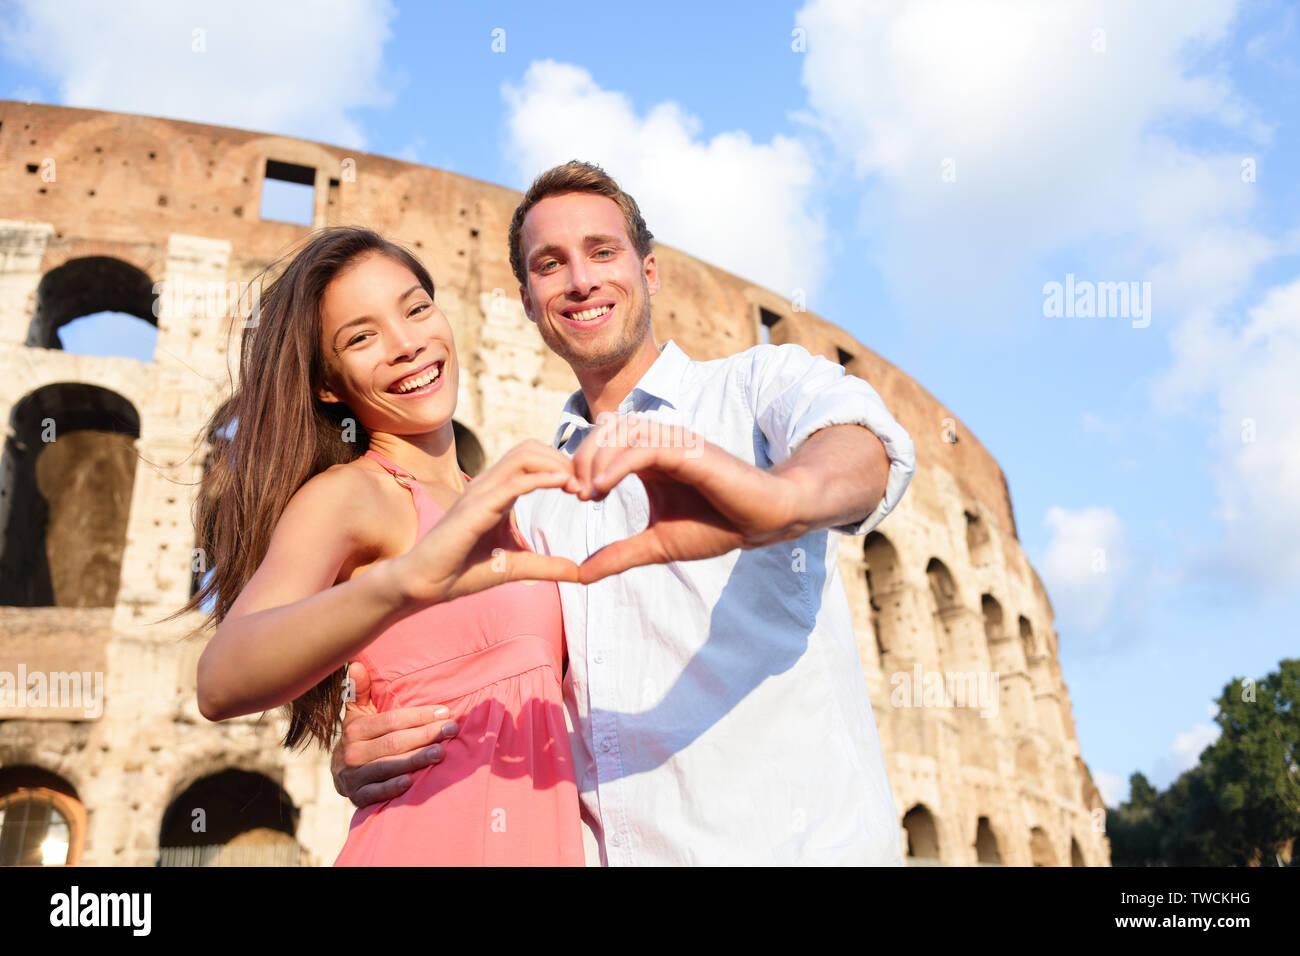 Viaggio Romantico giovane a Roma dal Colosseo, Italia. Felici gli amanti in luna di miele che mostra cuore sharped mani divertirsi nella parte anteriore del Colosseo. Amore e concetto di viaggio con multirazziale giovane. Foto Stock